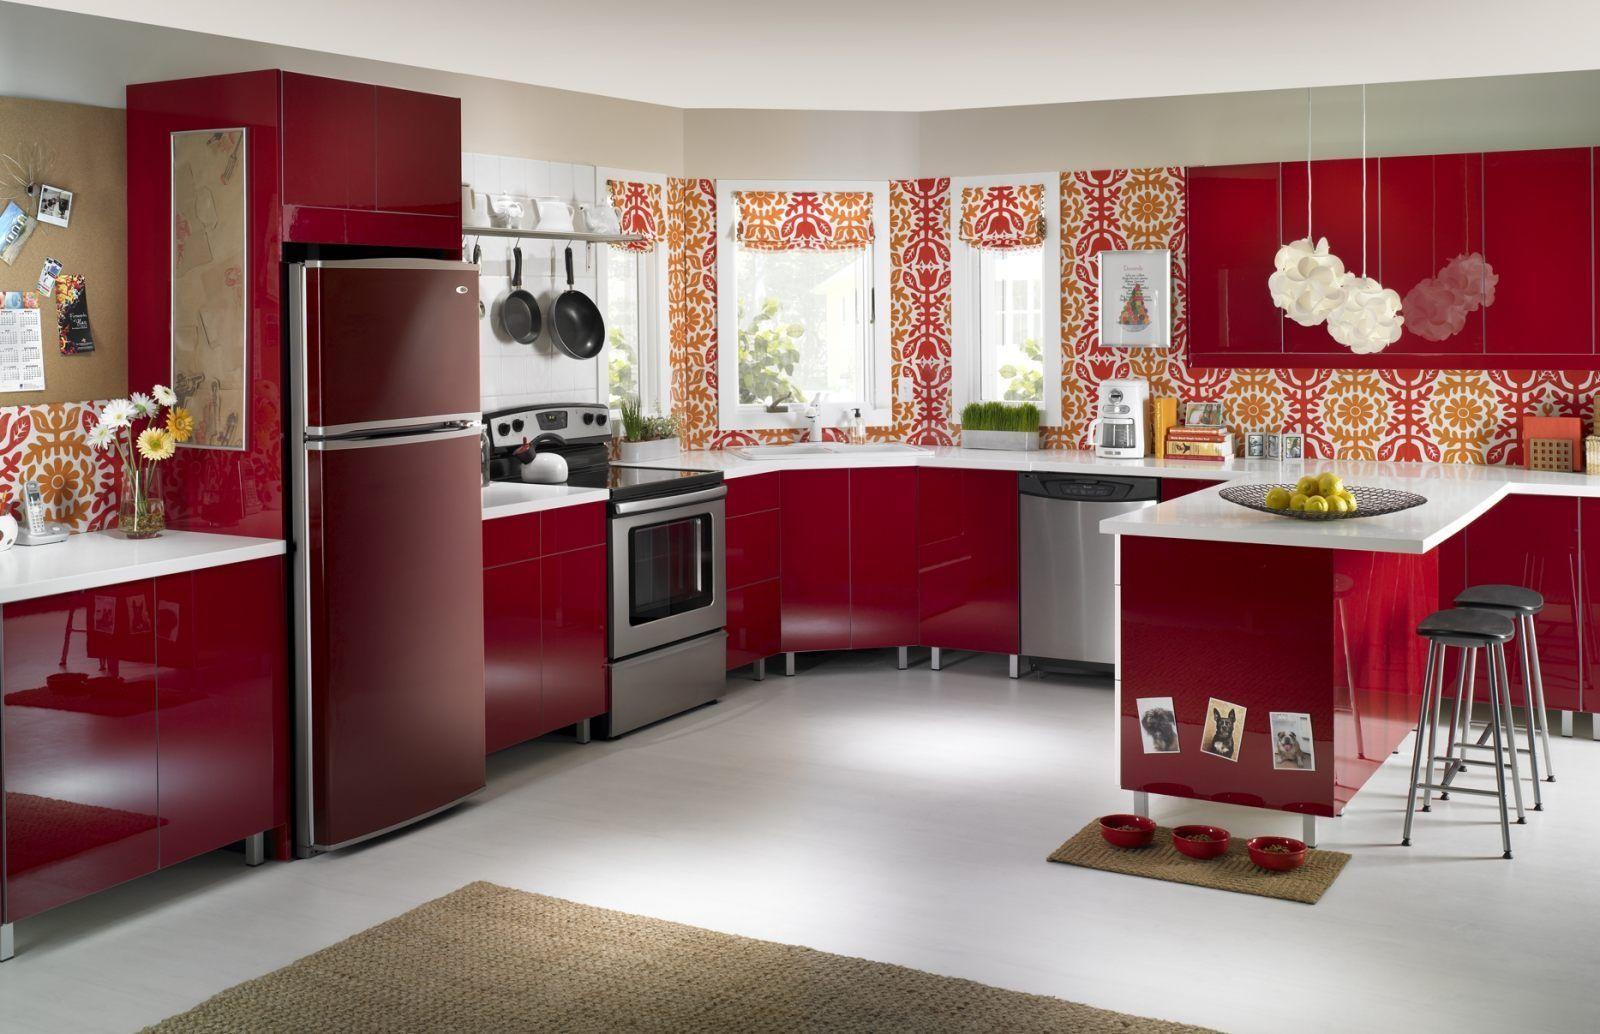 cortinas de cocina modernas 2014 - Buscar con Google | ideas para ...